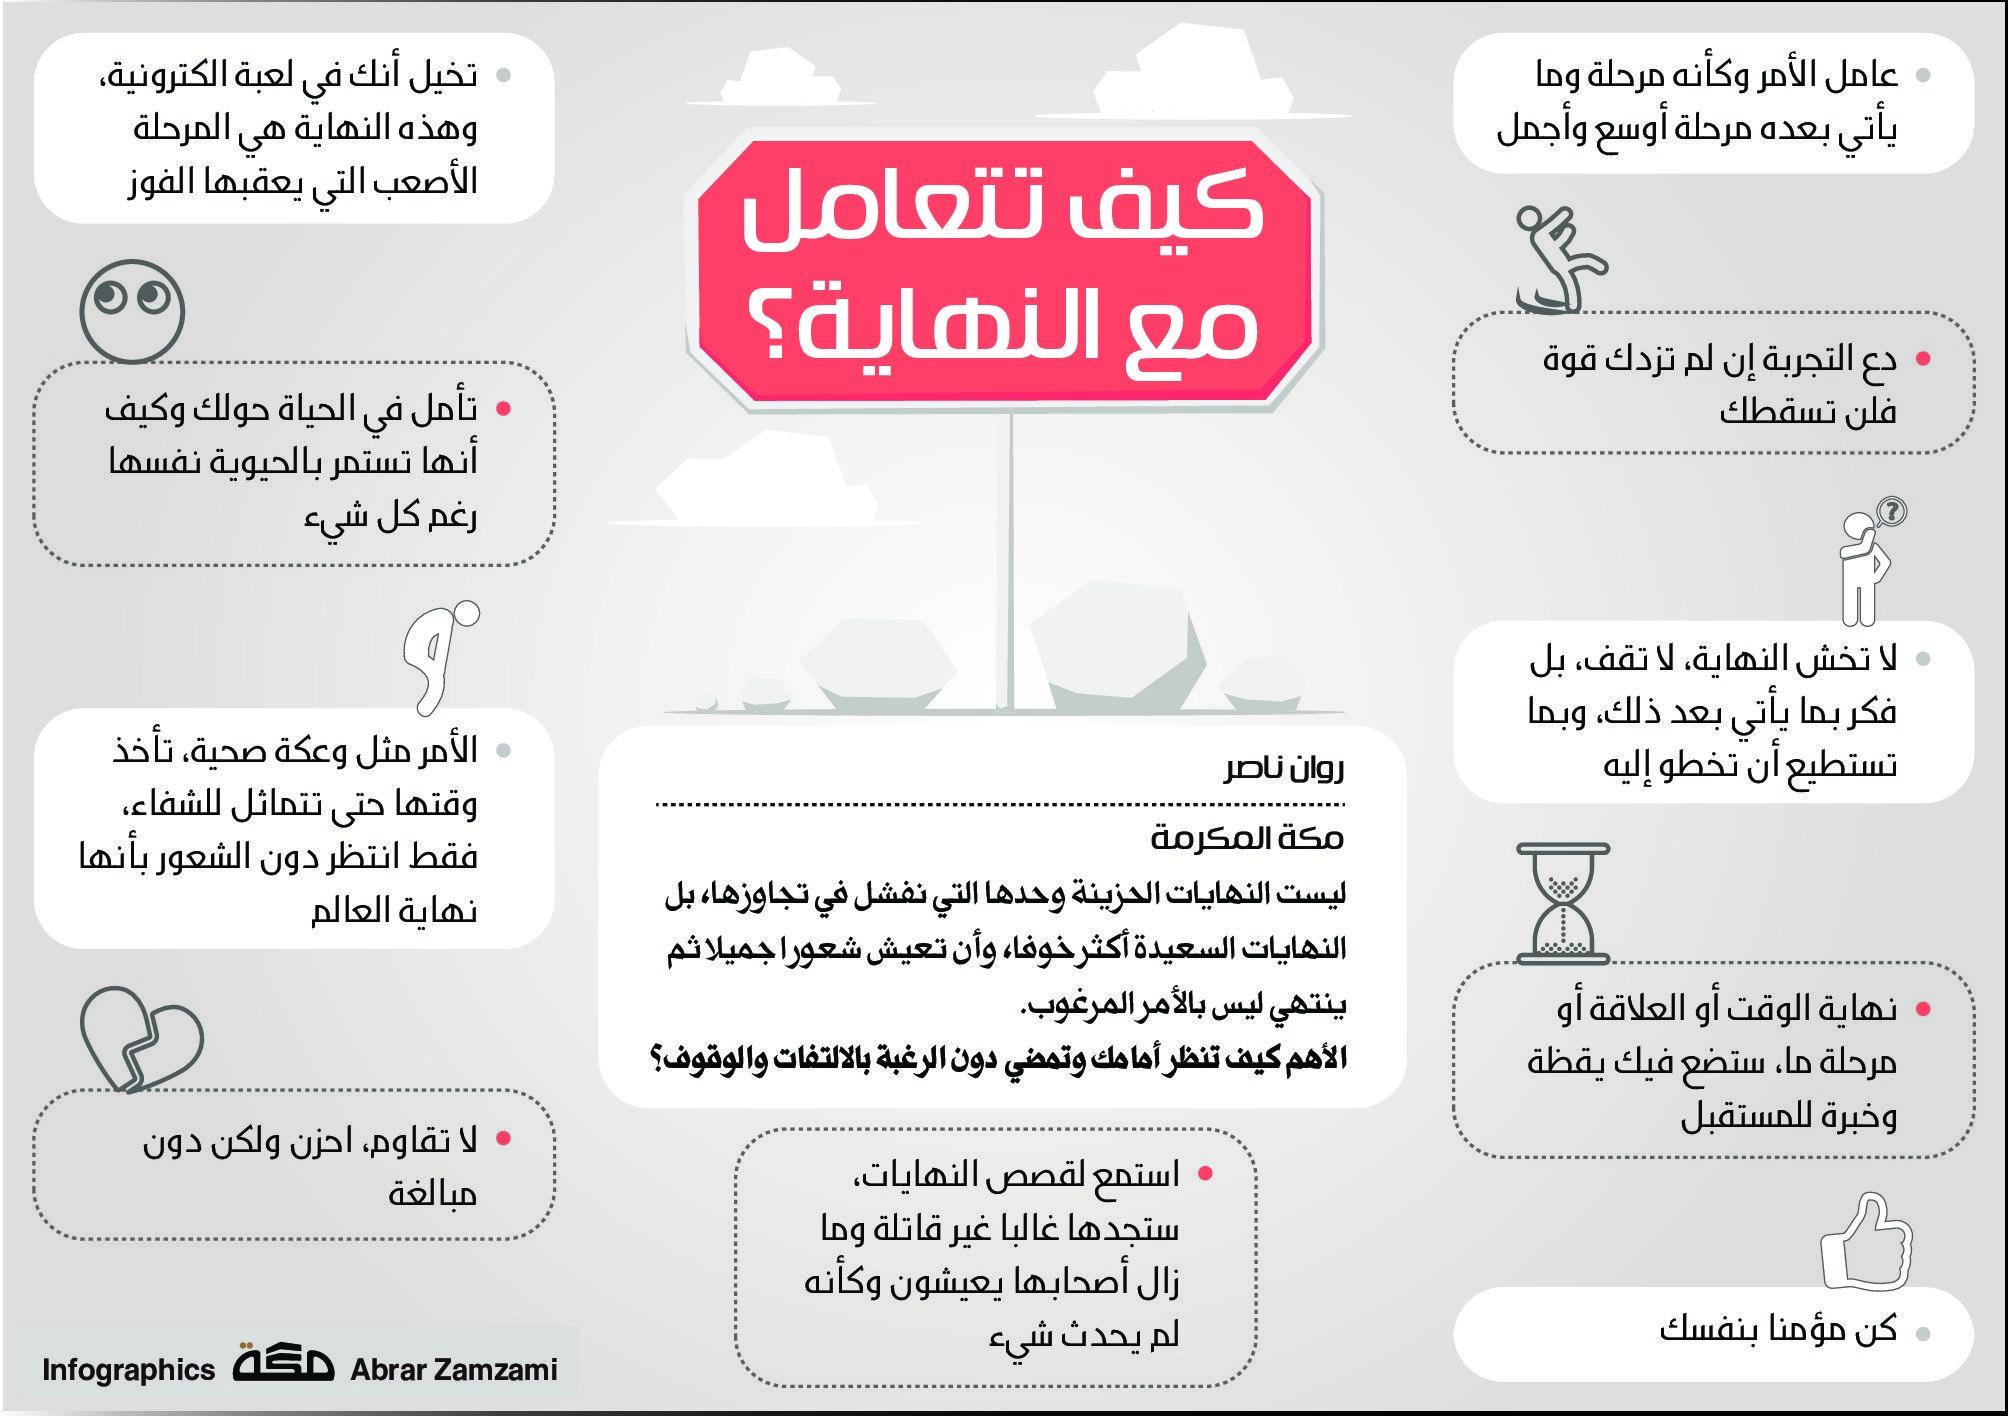 كيف تتعامل مع النهاية صحيفة مكة انفوجرافيك منوعات Infographic Bullet Journal Journal